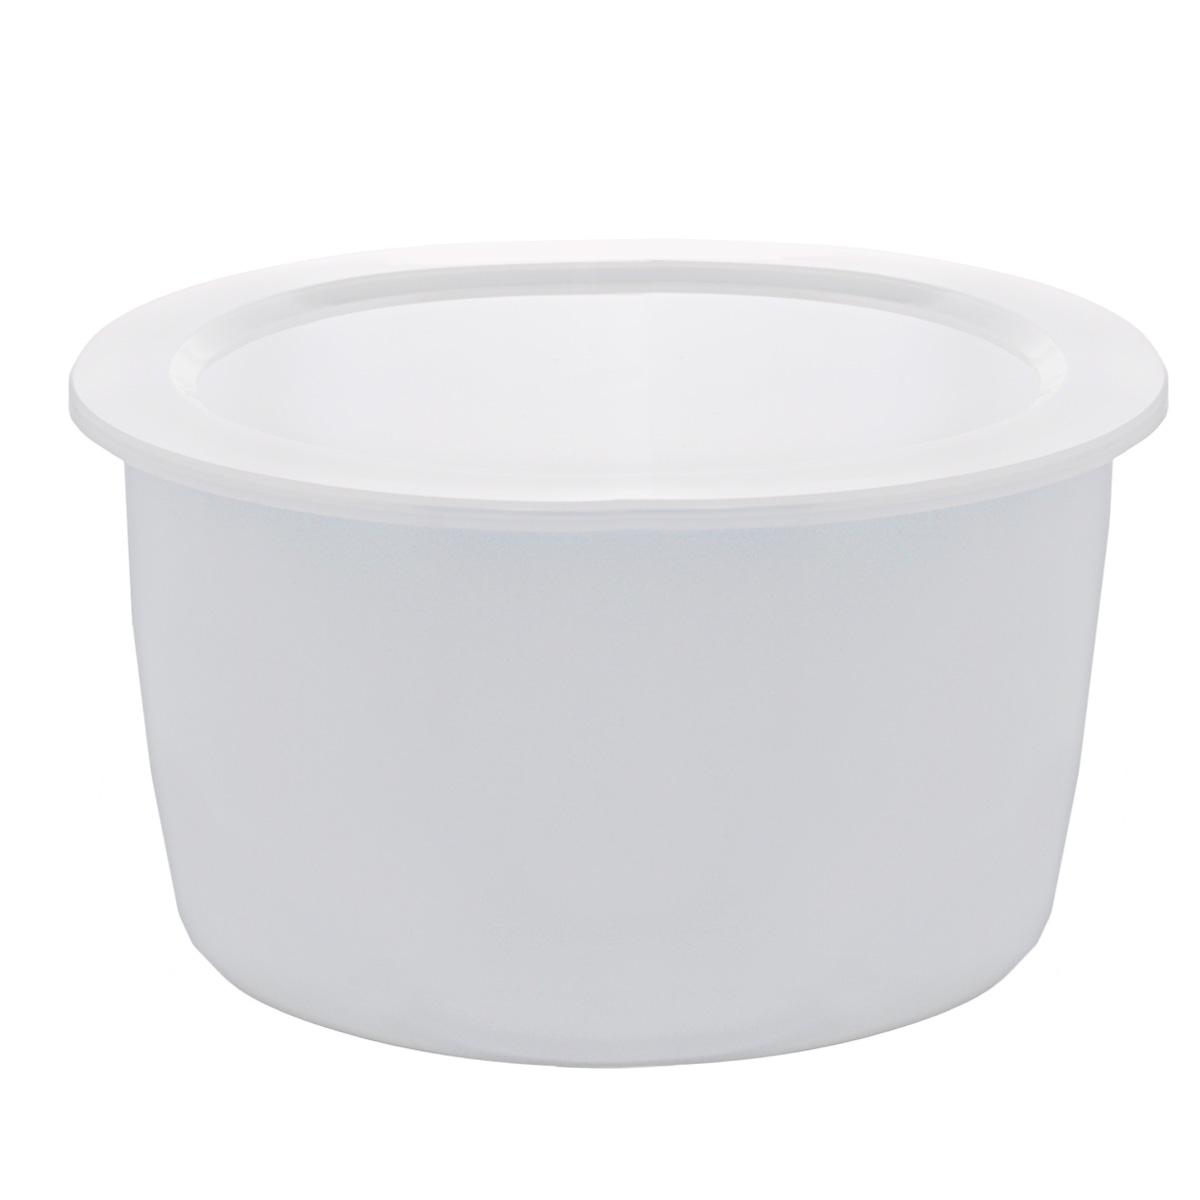 Steba AS 4 сменная чаша для мультиварки DD1/2AS 4 for DD1+2Чаша с антипригарным керамическим покрытием Steba AS 4 для мультиварок DD1, DD2. Мерная шкала Крышка для чаши в комплекте Не подходит для Steba DD2 XL